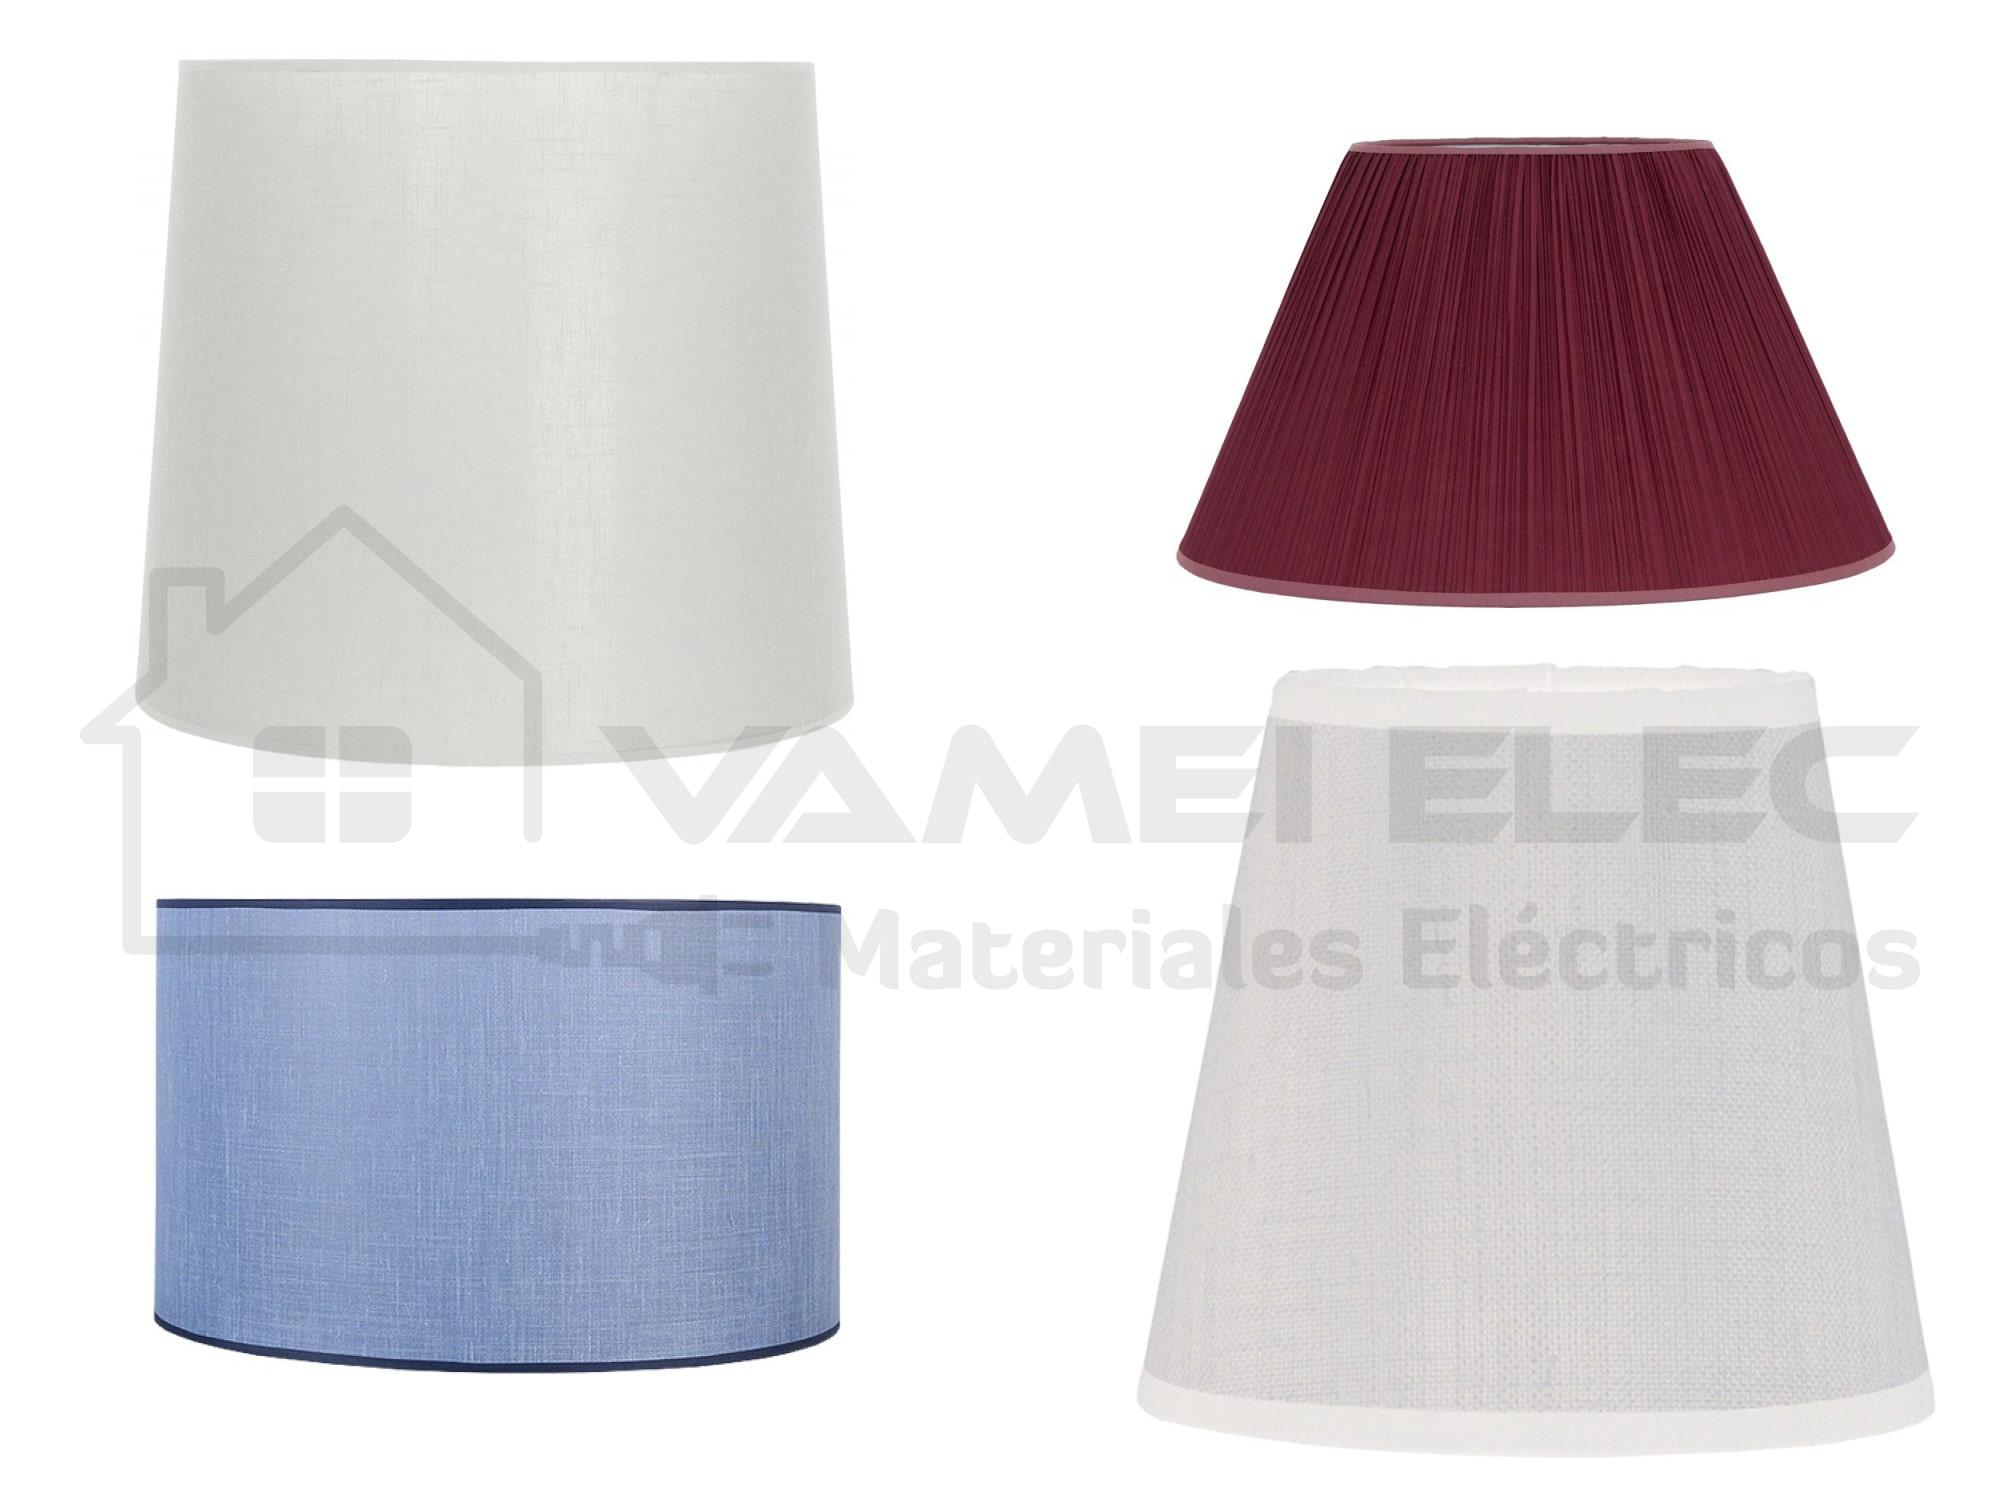 VAMEI Elec - Iluminación - Pantallas